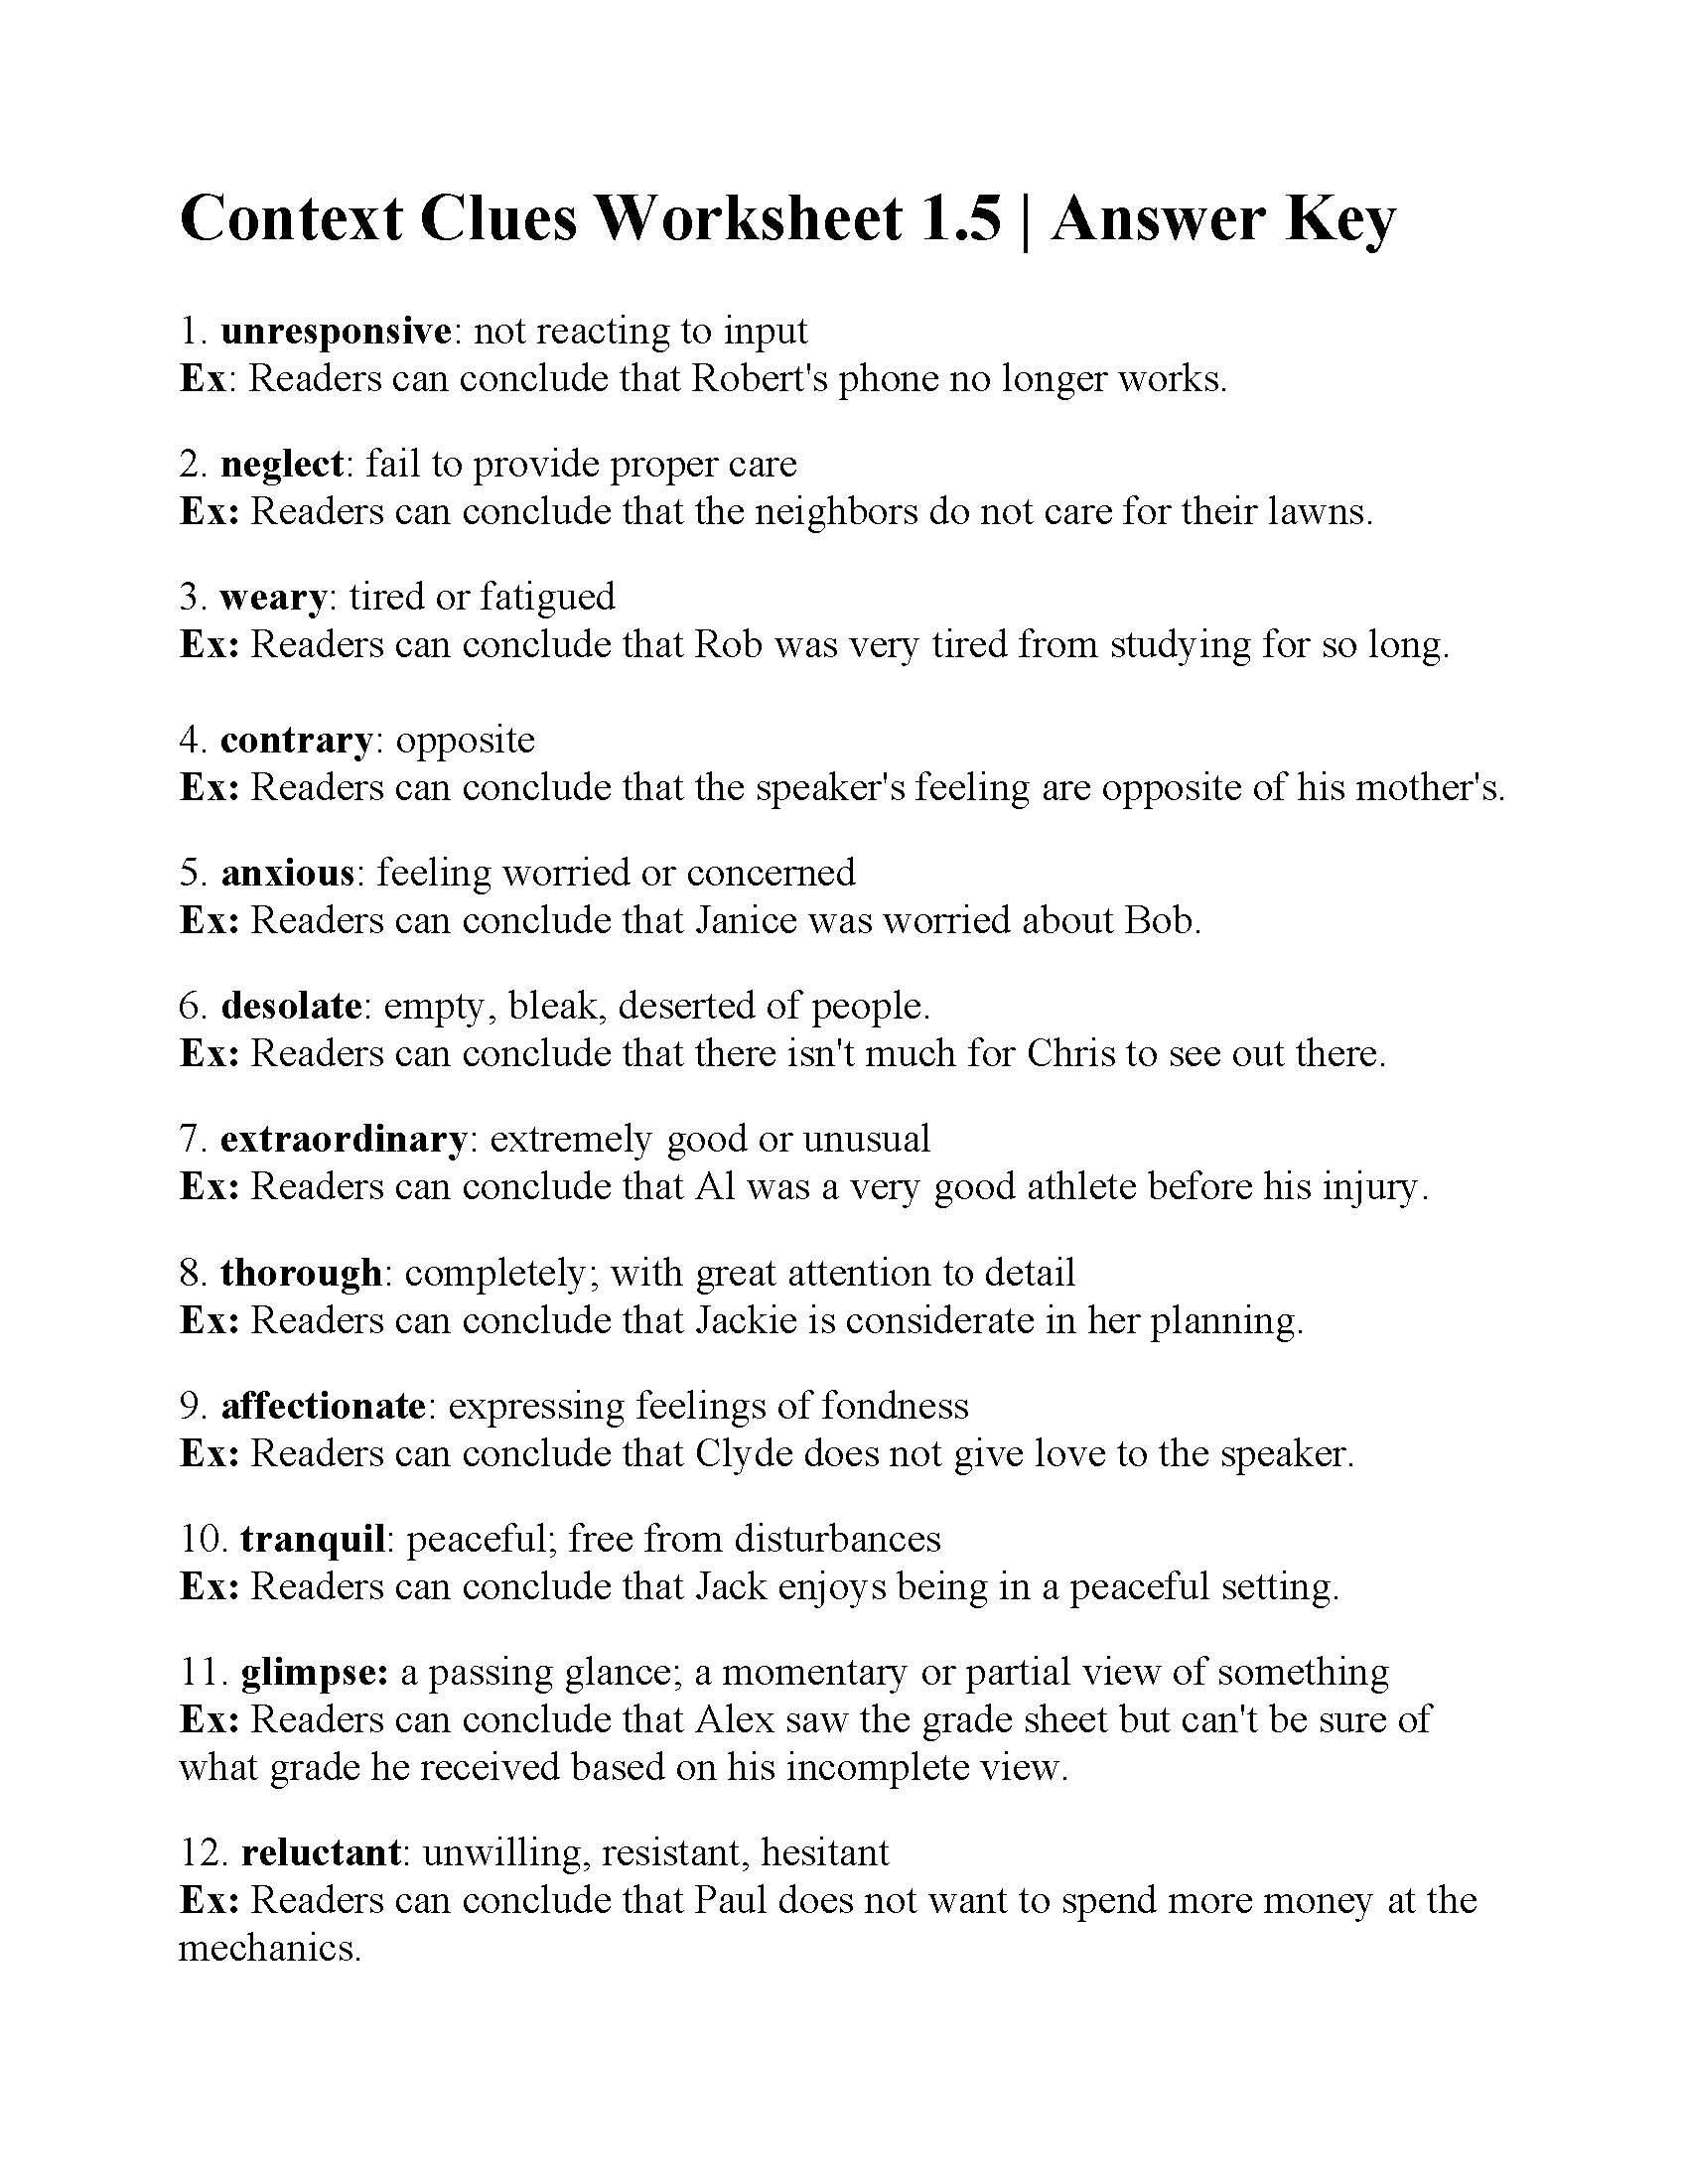 Context Clues Worksheets Grade 5 Context Clues Worksheet 1 5